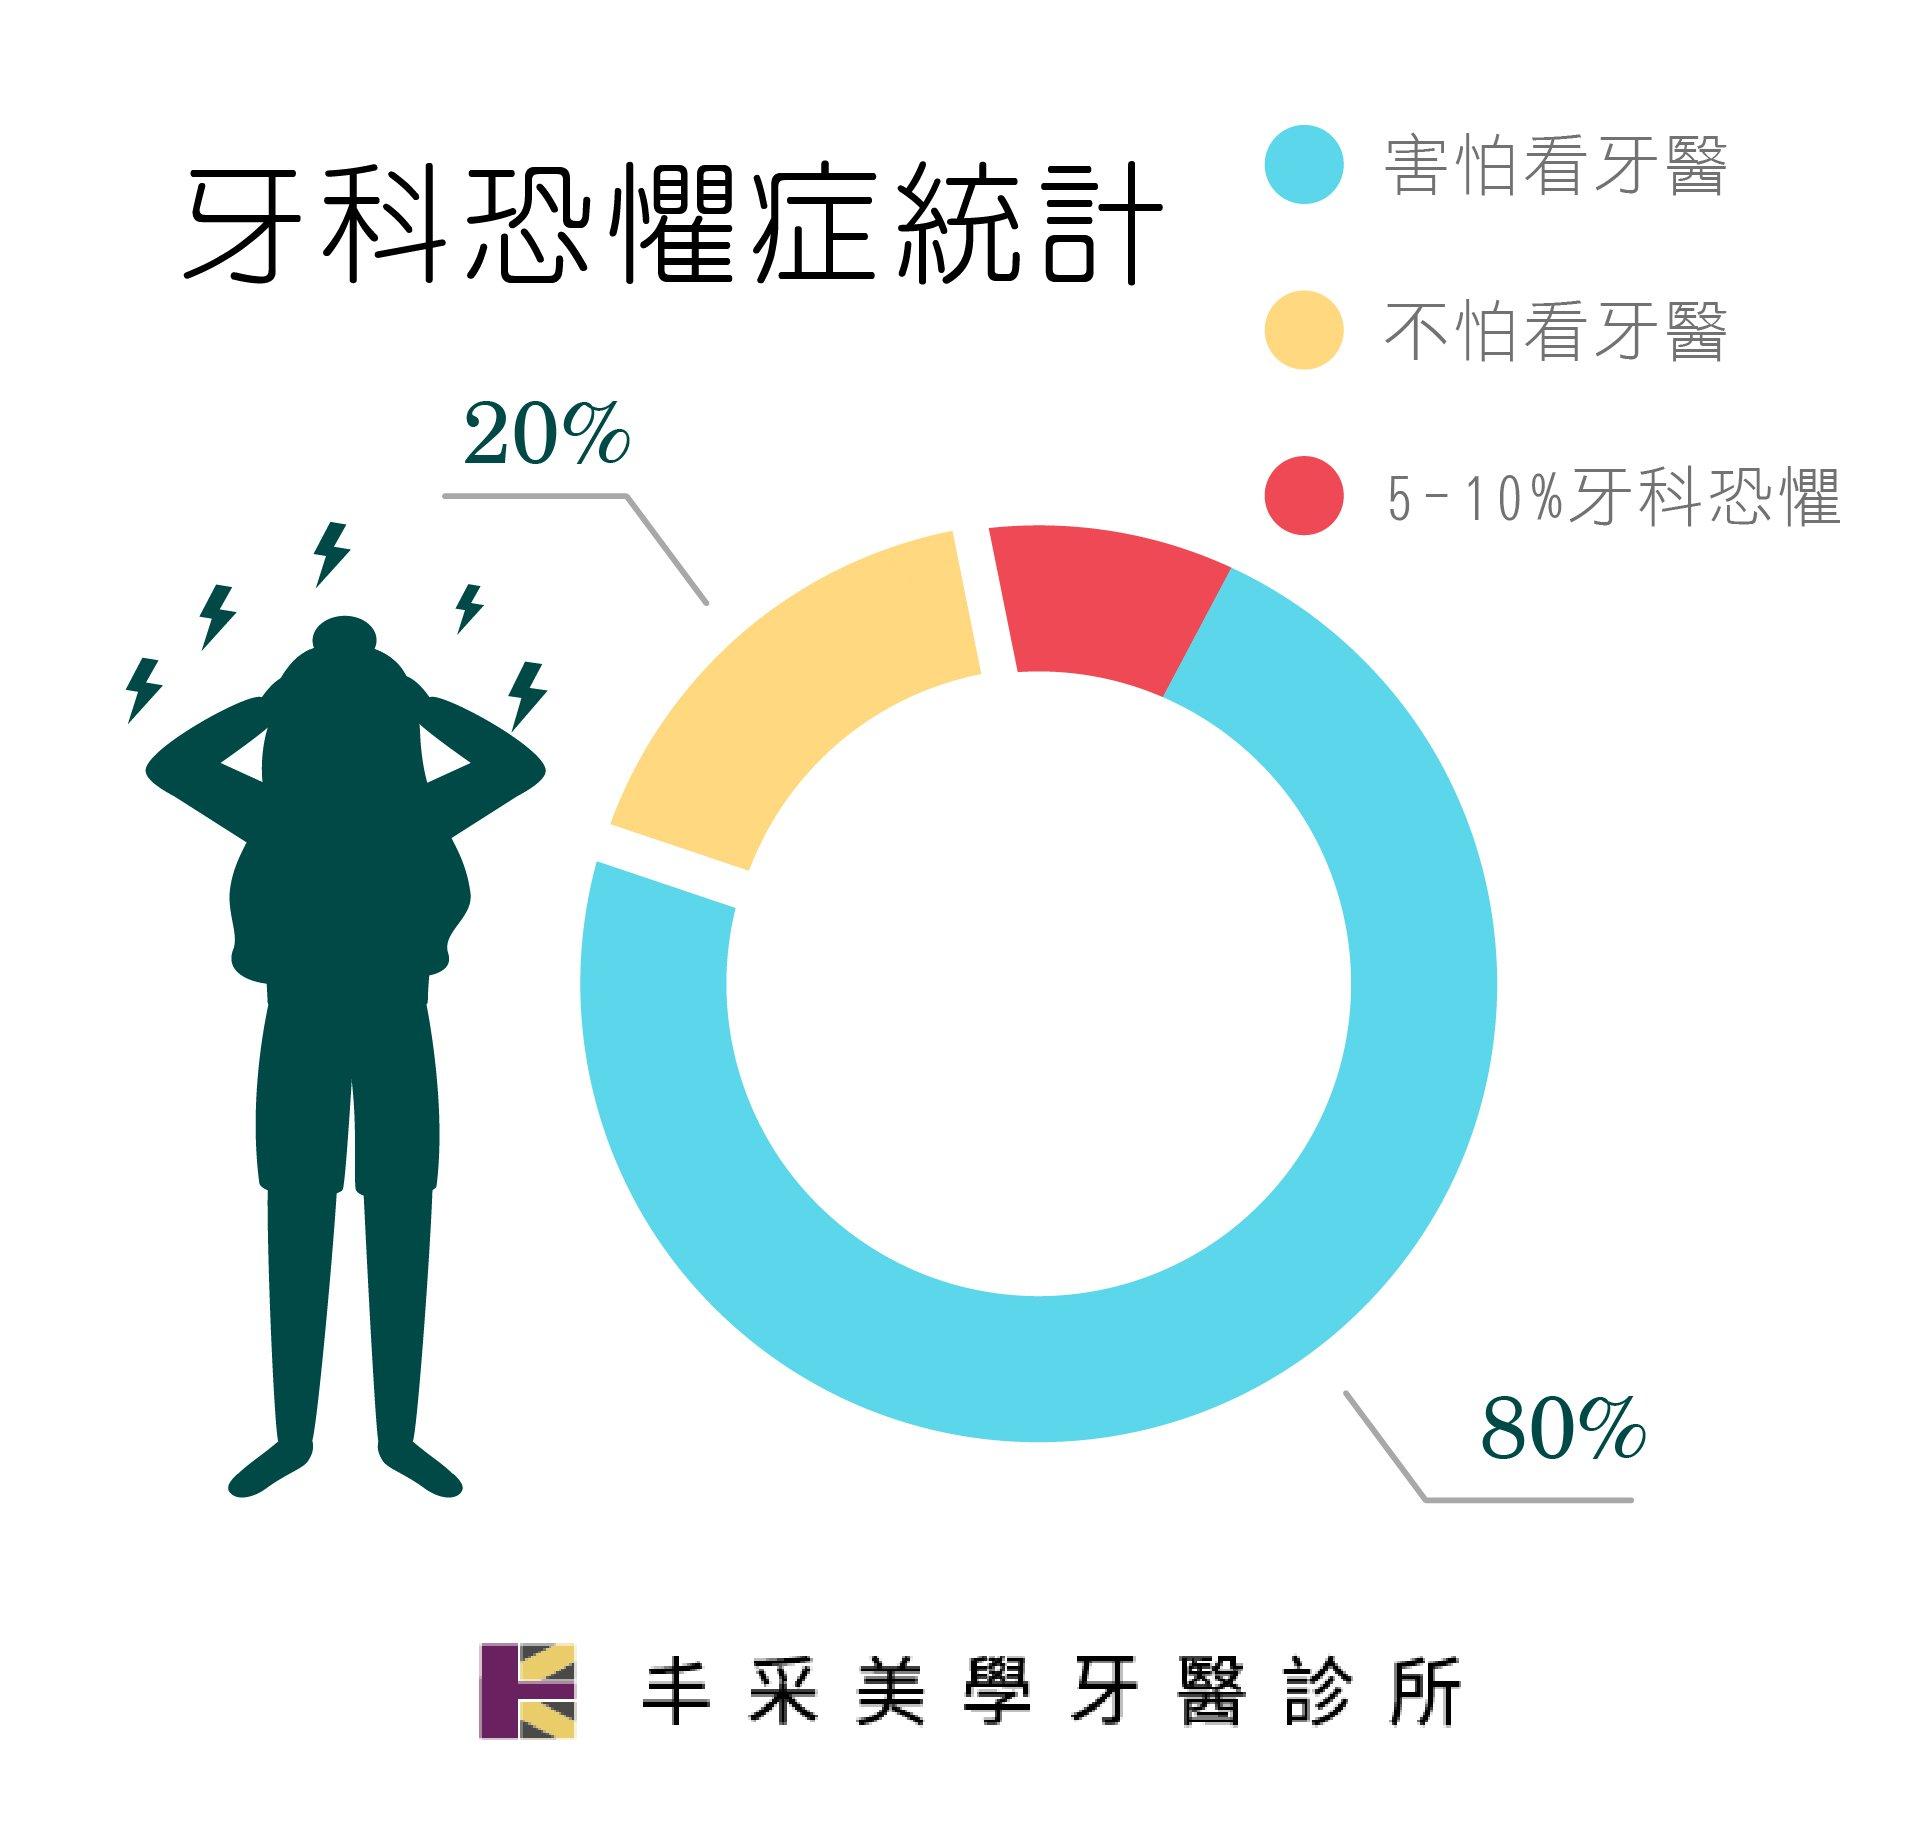 丰采美學牙醫-台灣人牙科恐懼統計數據